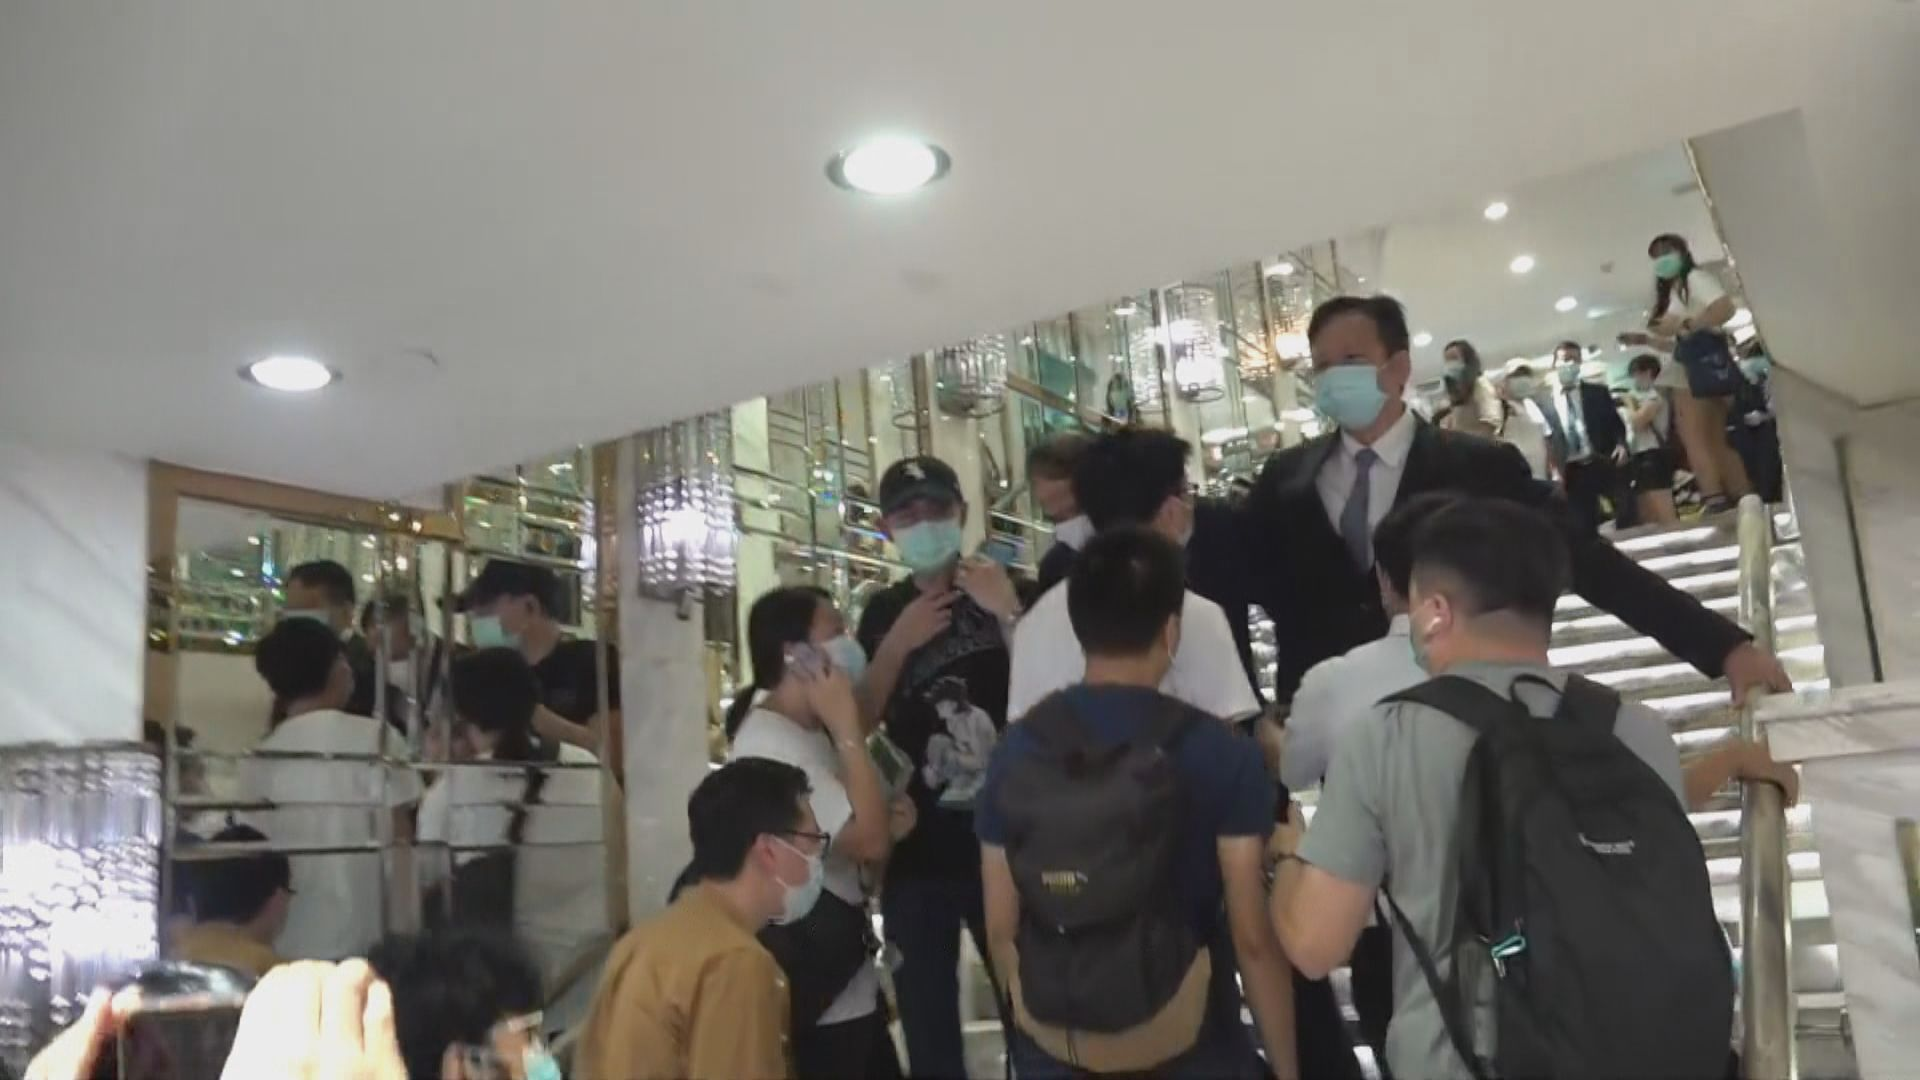 工會抗議富臨迫員工放無薪假以圖避繳遣散費